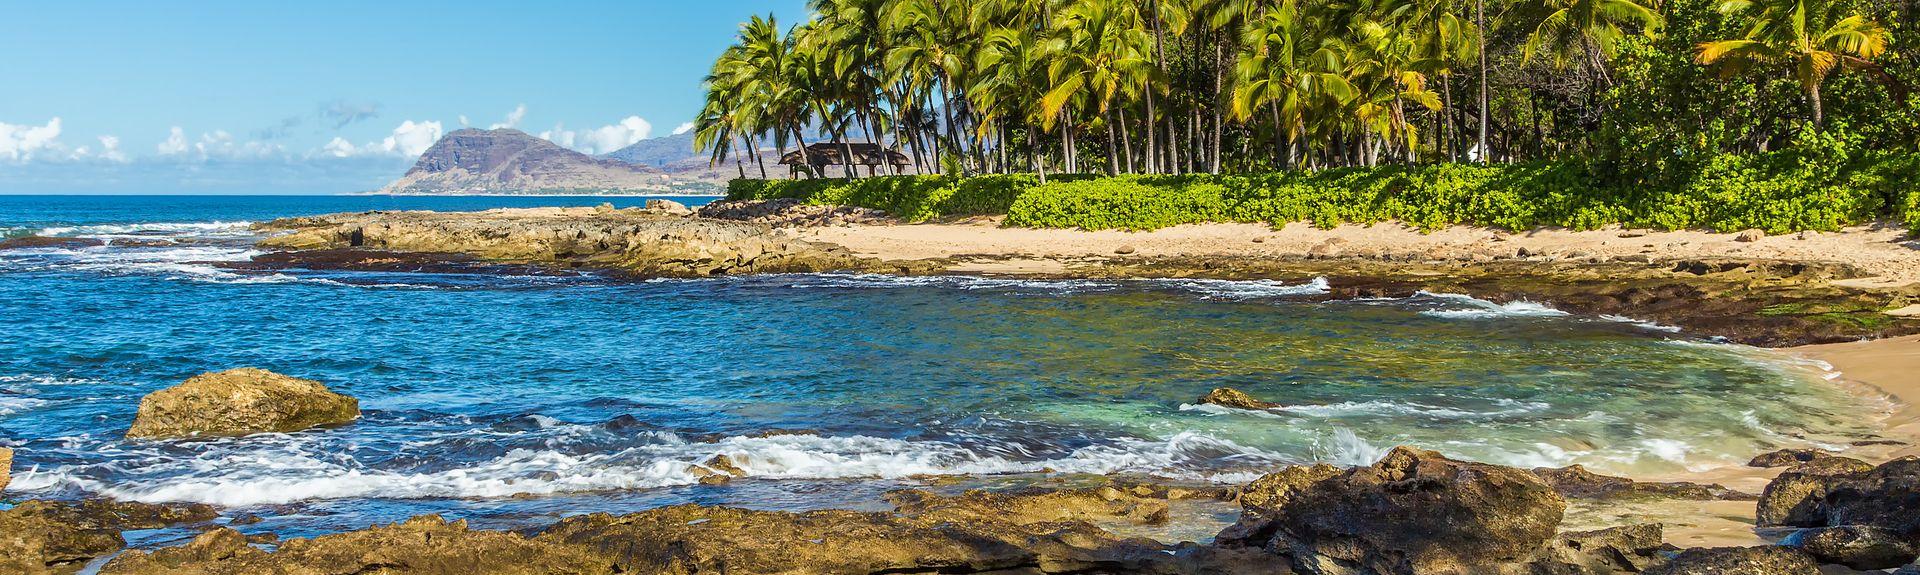 Ko Olina, Kapolei, Hawaii, United States of America